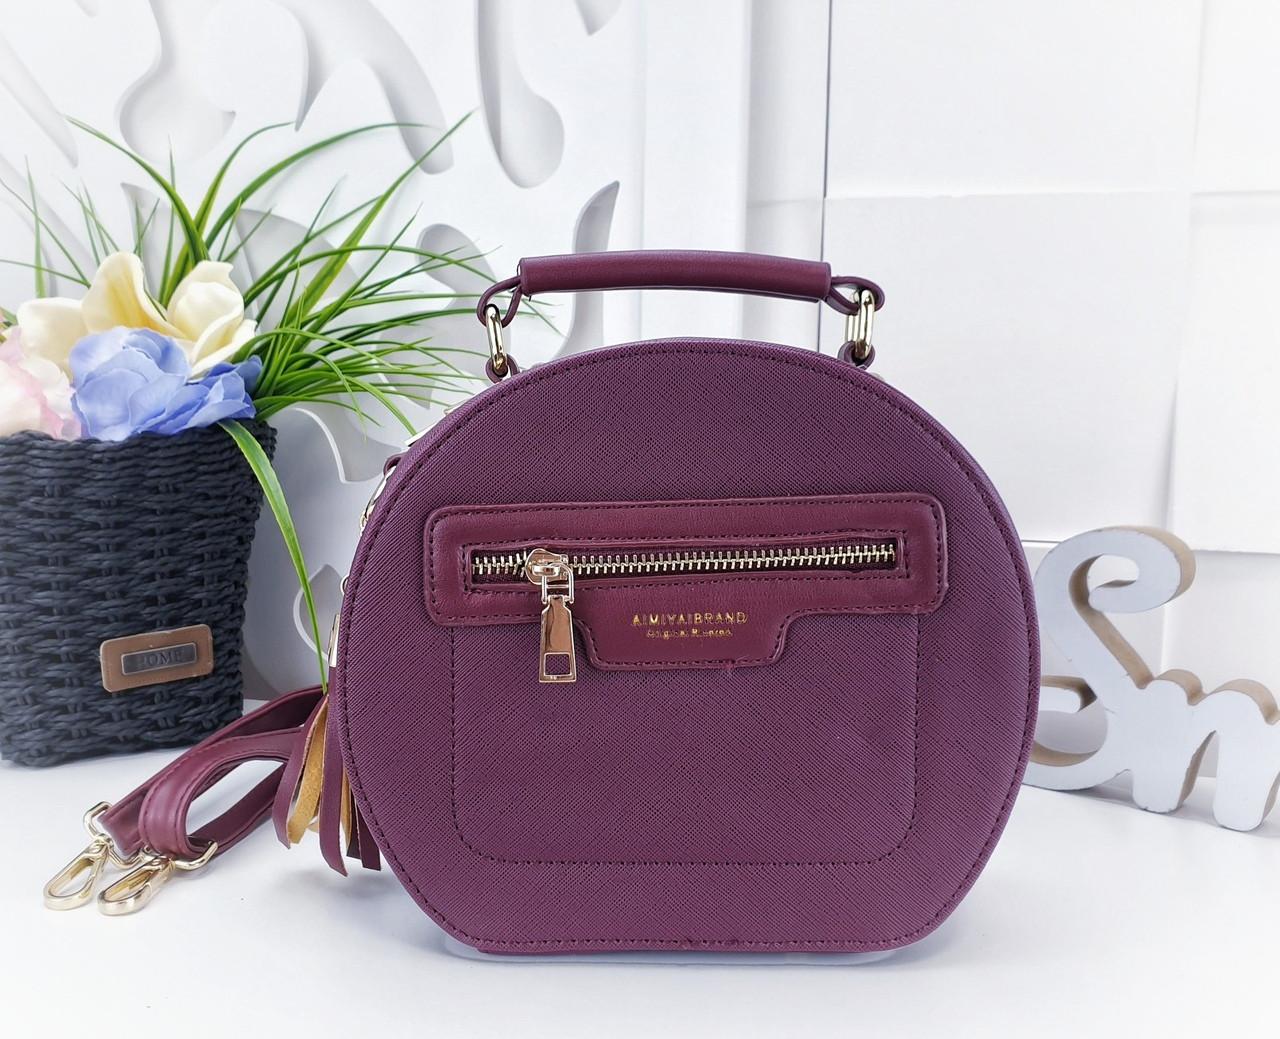 6a1a725c1aed Модная сумка-клатч круглой формы из искусственной кожи бордового цвета -  Баэль в Харькове